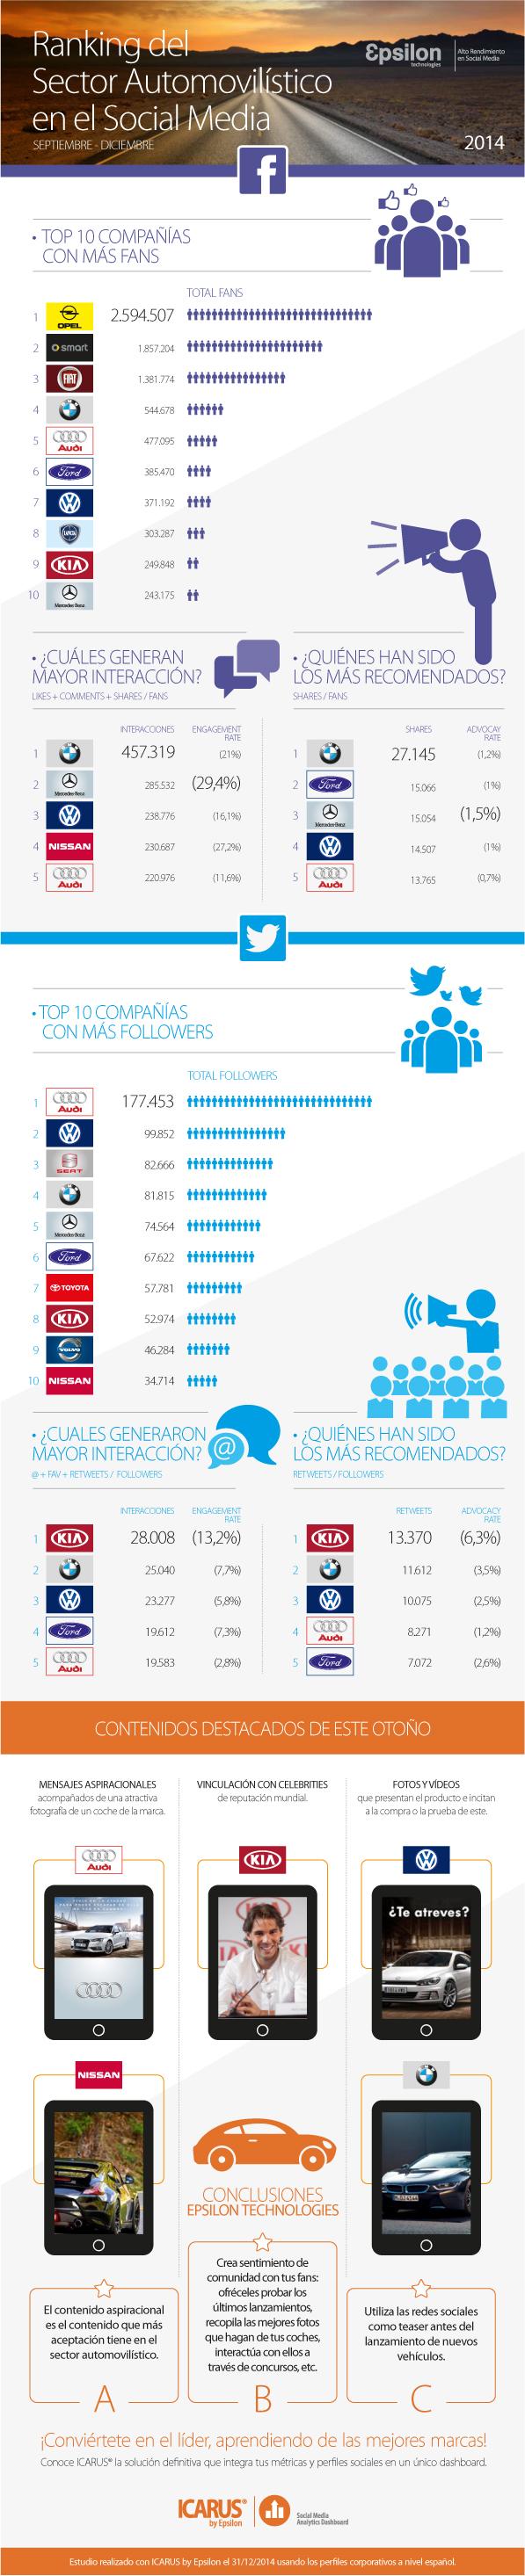 Ranking del sector automovilístico en Redes Sociales